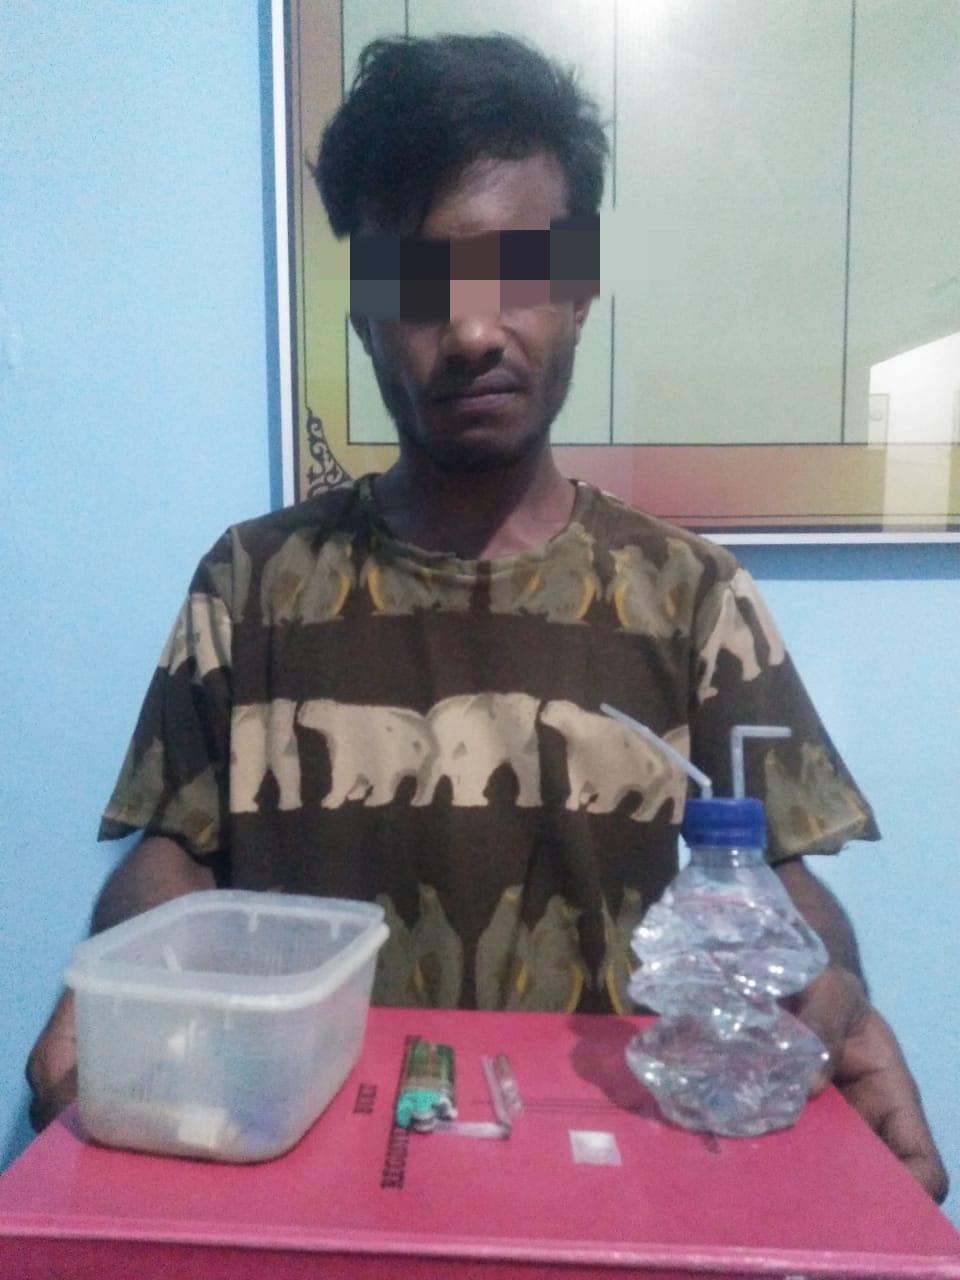 Gerebek Sebuah Rumah, Polisi di Seunuddon Tangkap Seorang Pria Lagi Asik Nyabu